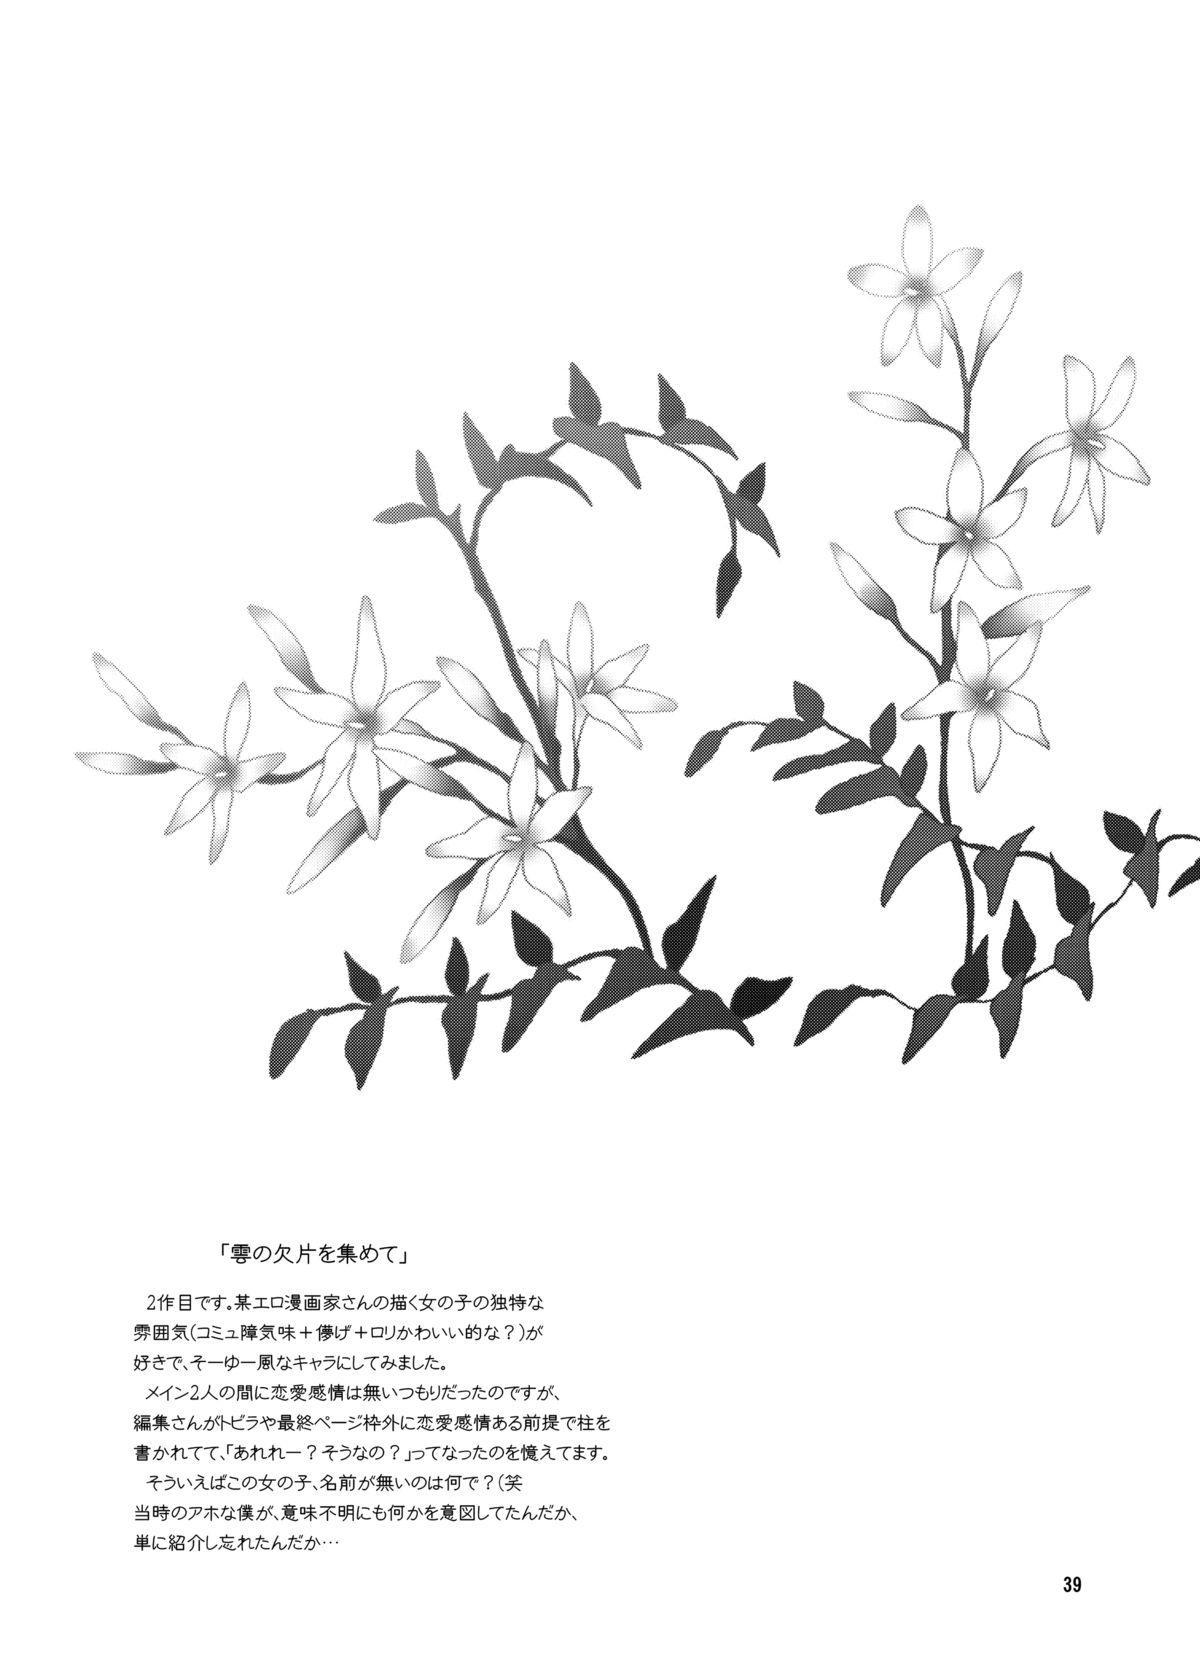 ココロノママニ 厩戸王子商業作品再録本 37